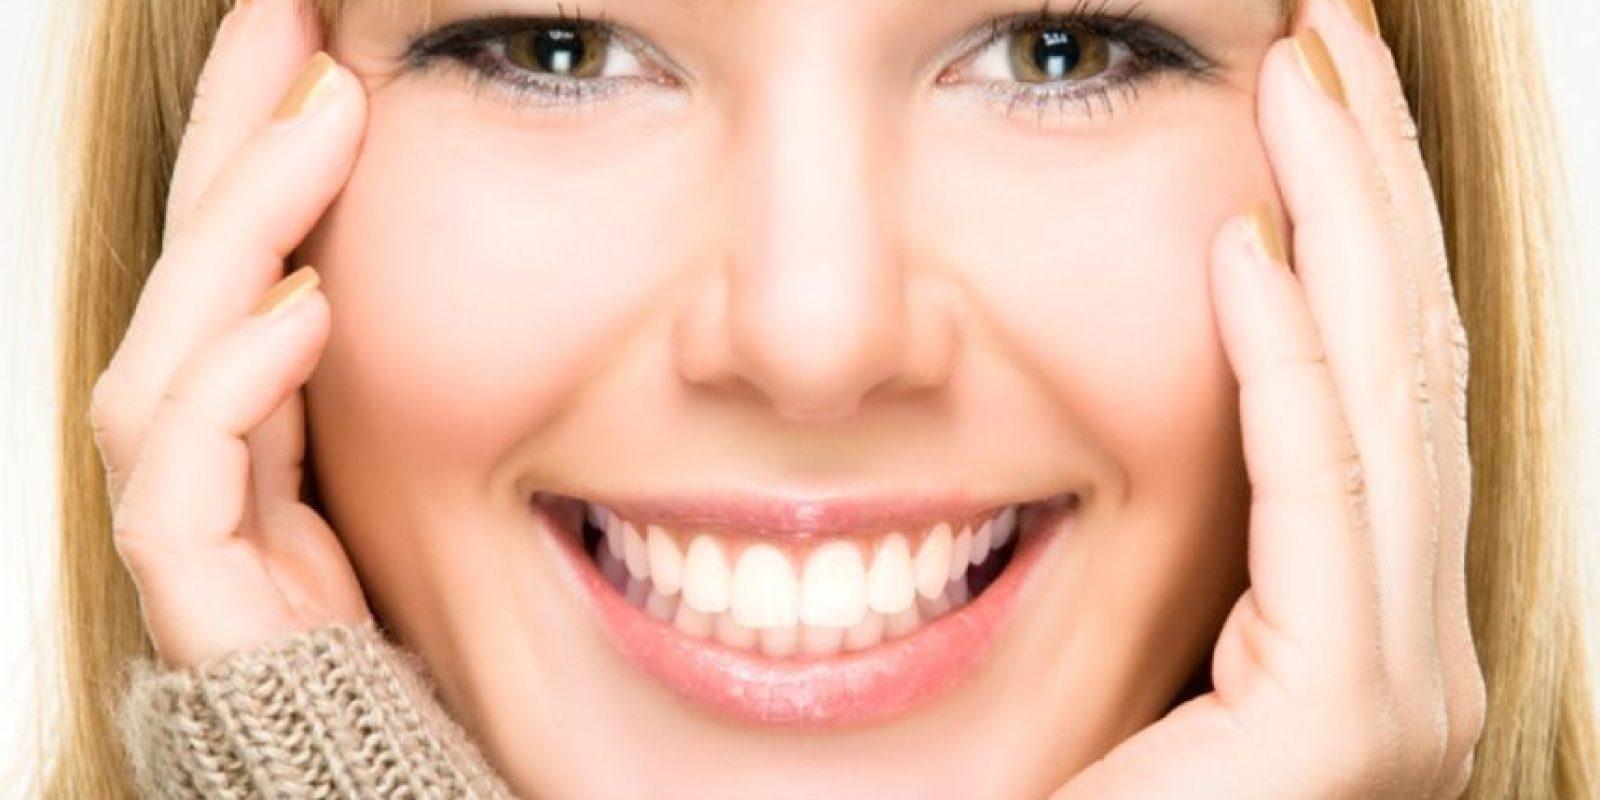 La falta de saliva puede ser uno de los primeros síntomas de la diabetes. Foto:Tumblr.com/Tagged/sonrisa